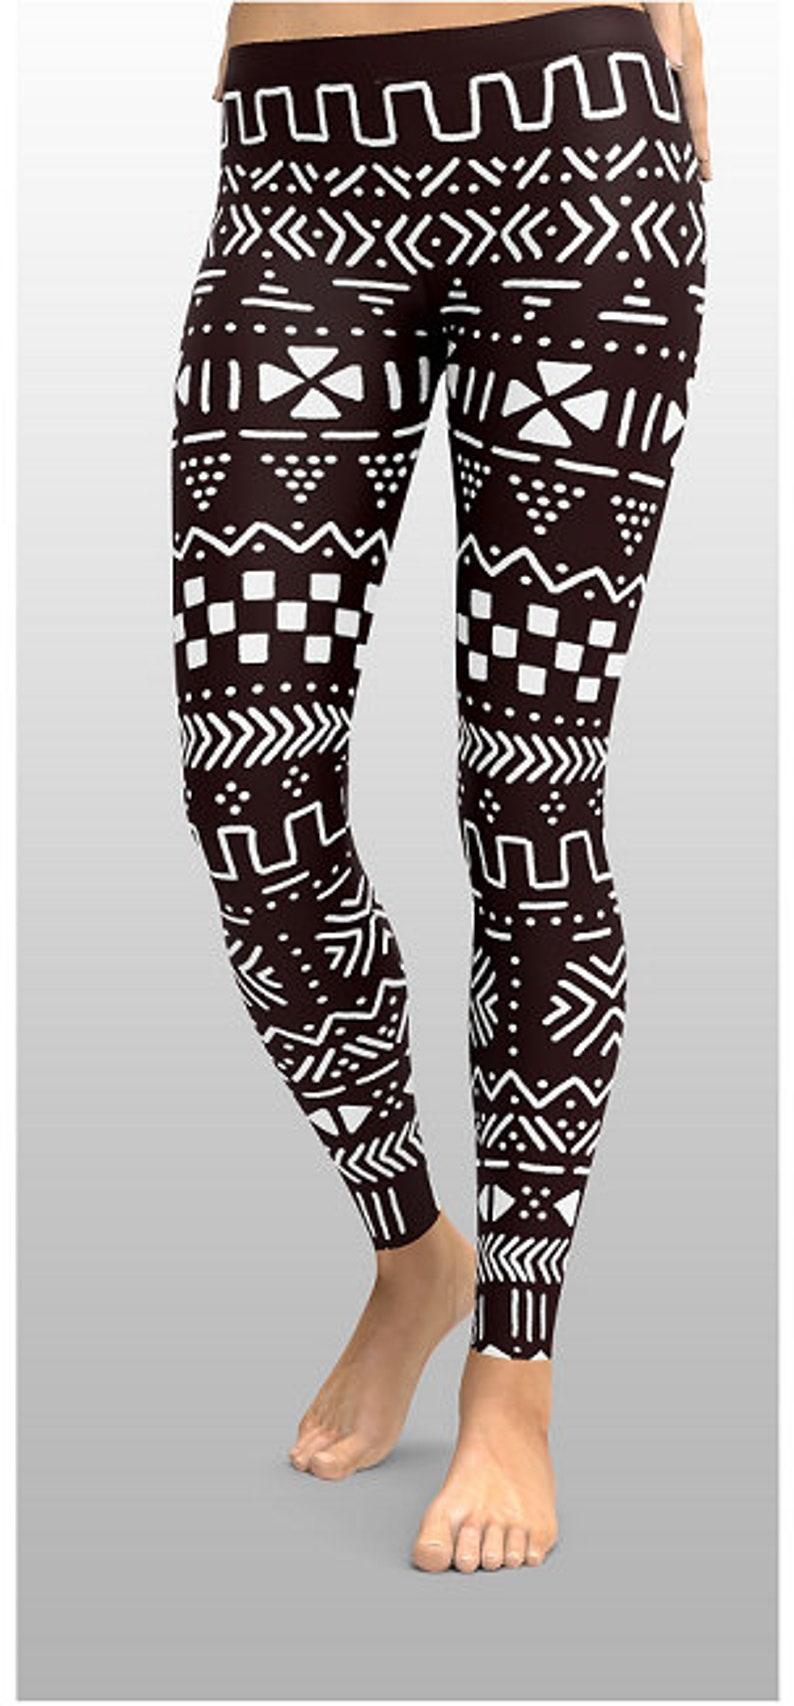 1a6999e61c268 Black And White Leggings Tribal Leggings Unique Leggings   Etsy